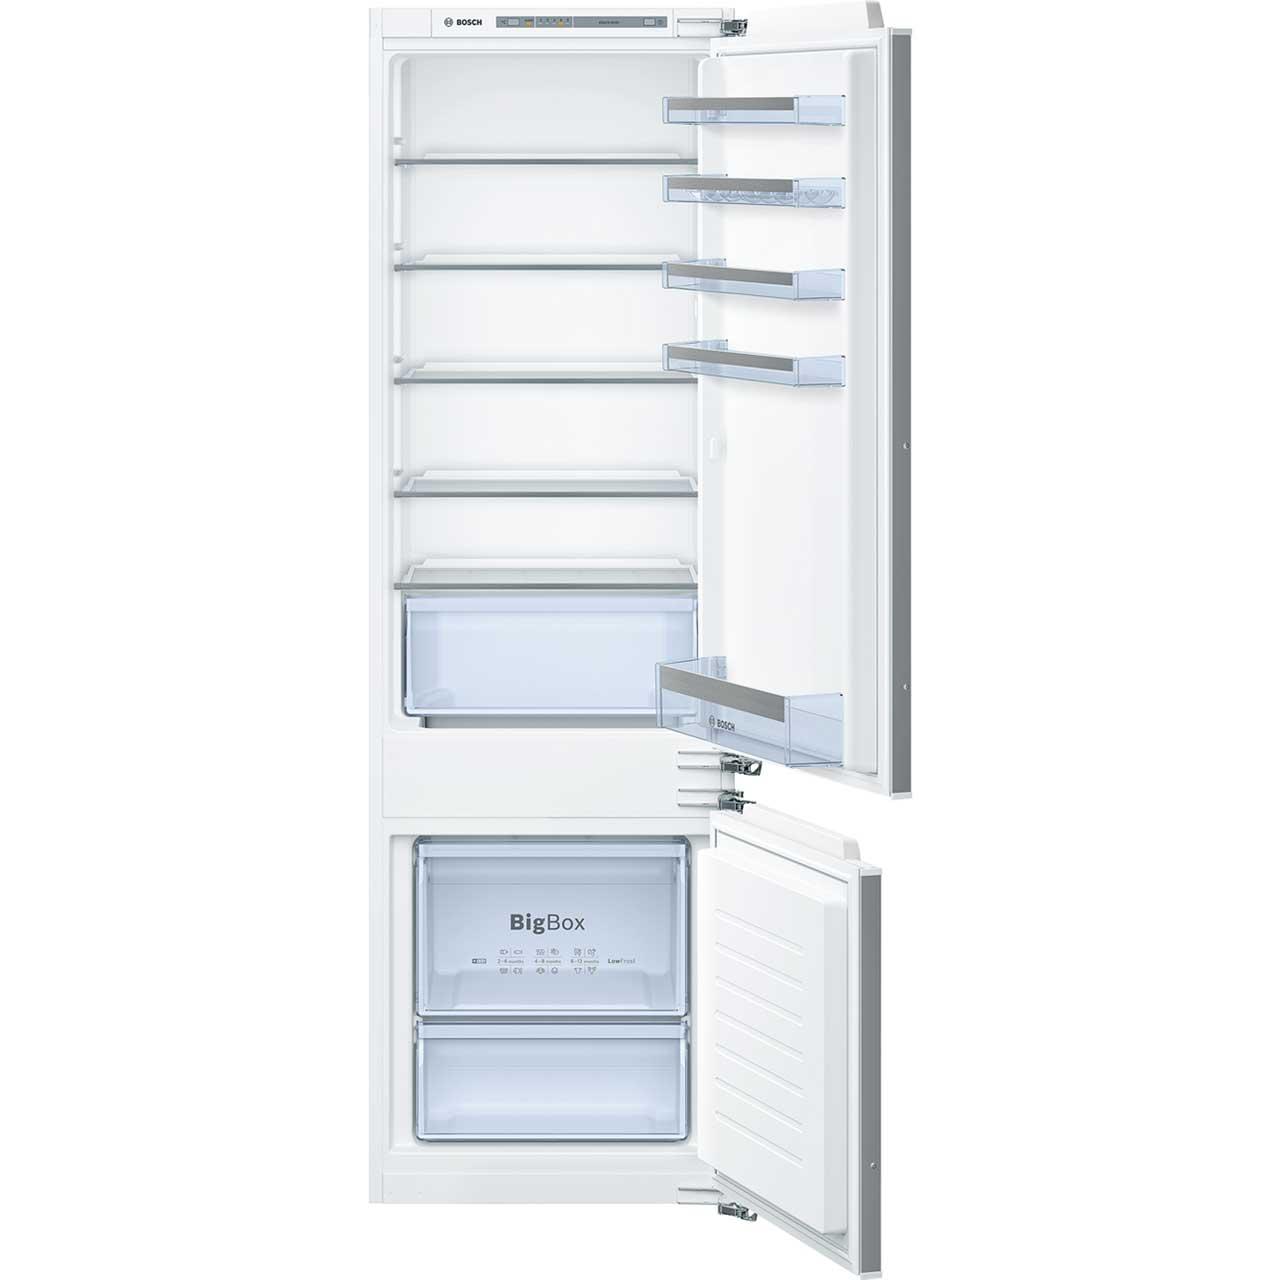 Image of Bosch Serie 4 KIV87VF30G Integrated Fridge Freezer in White